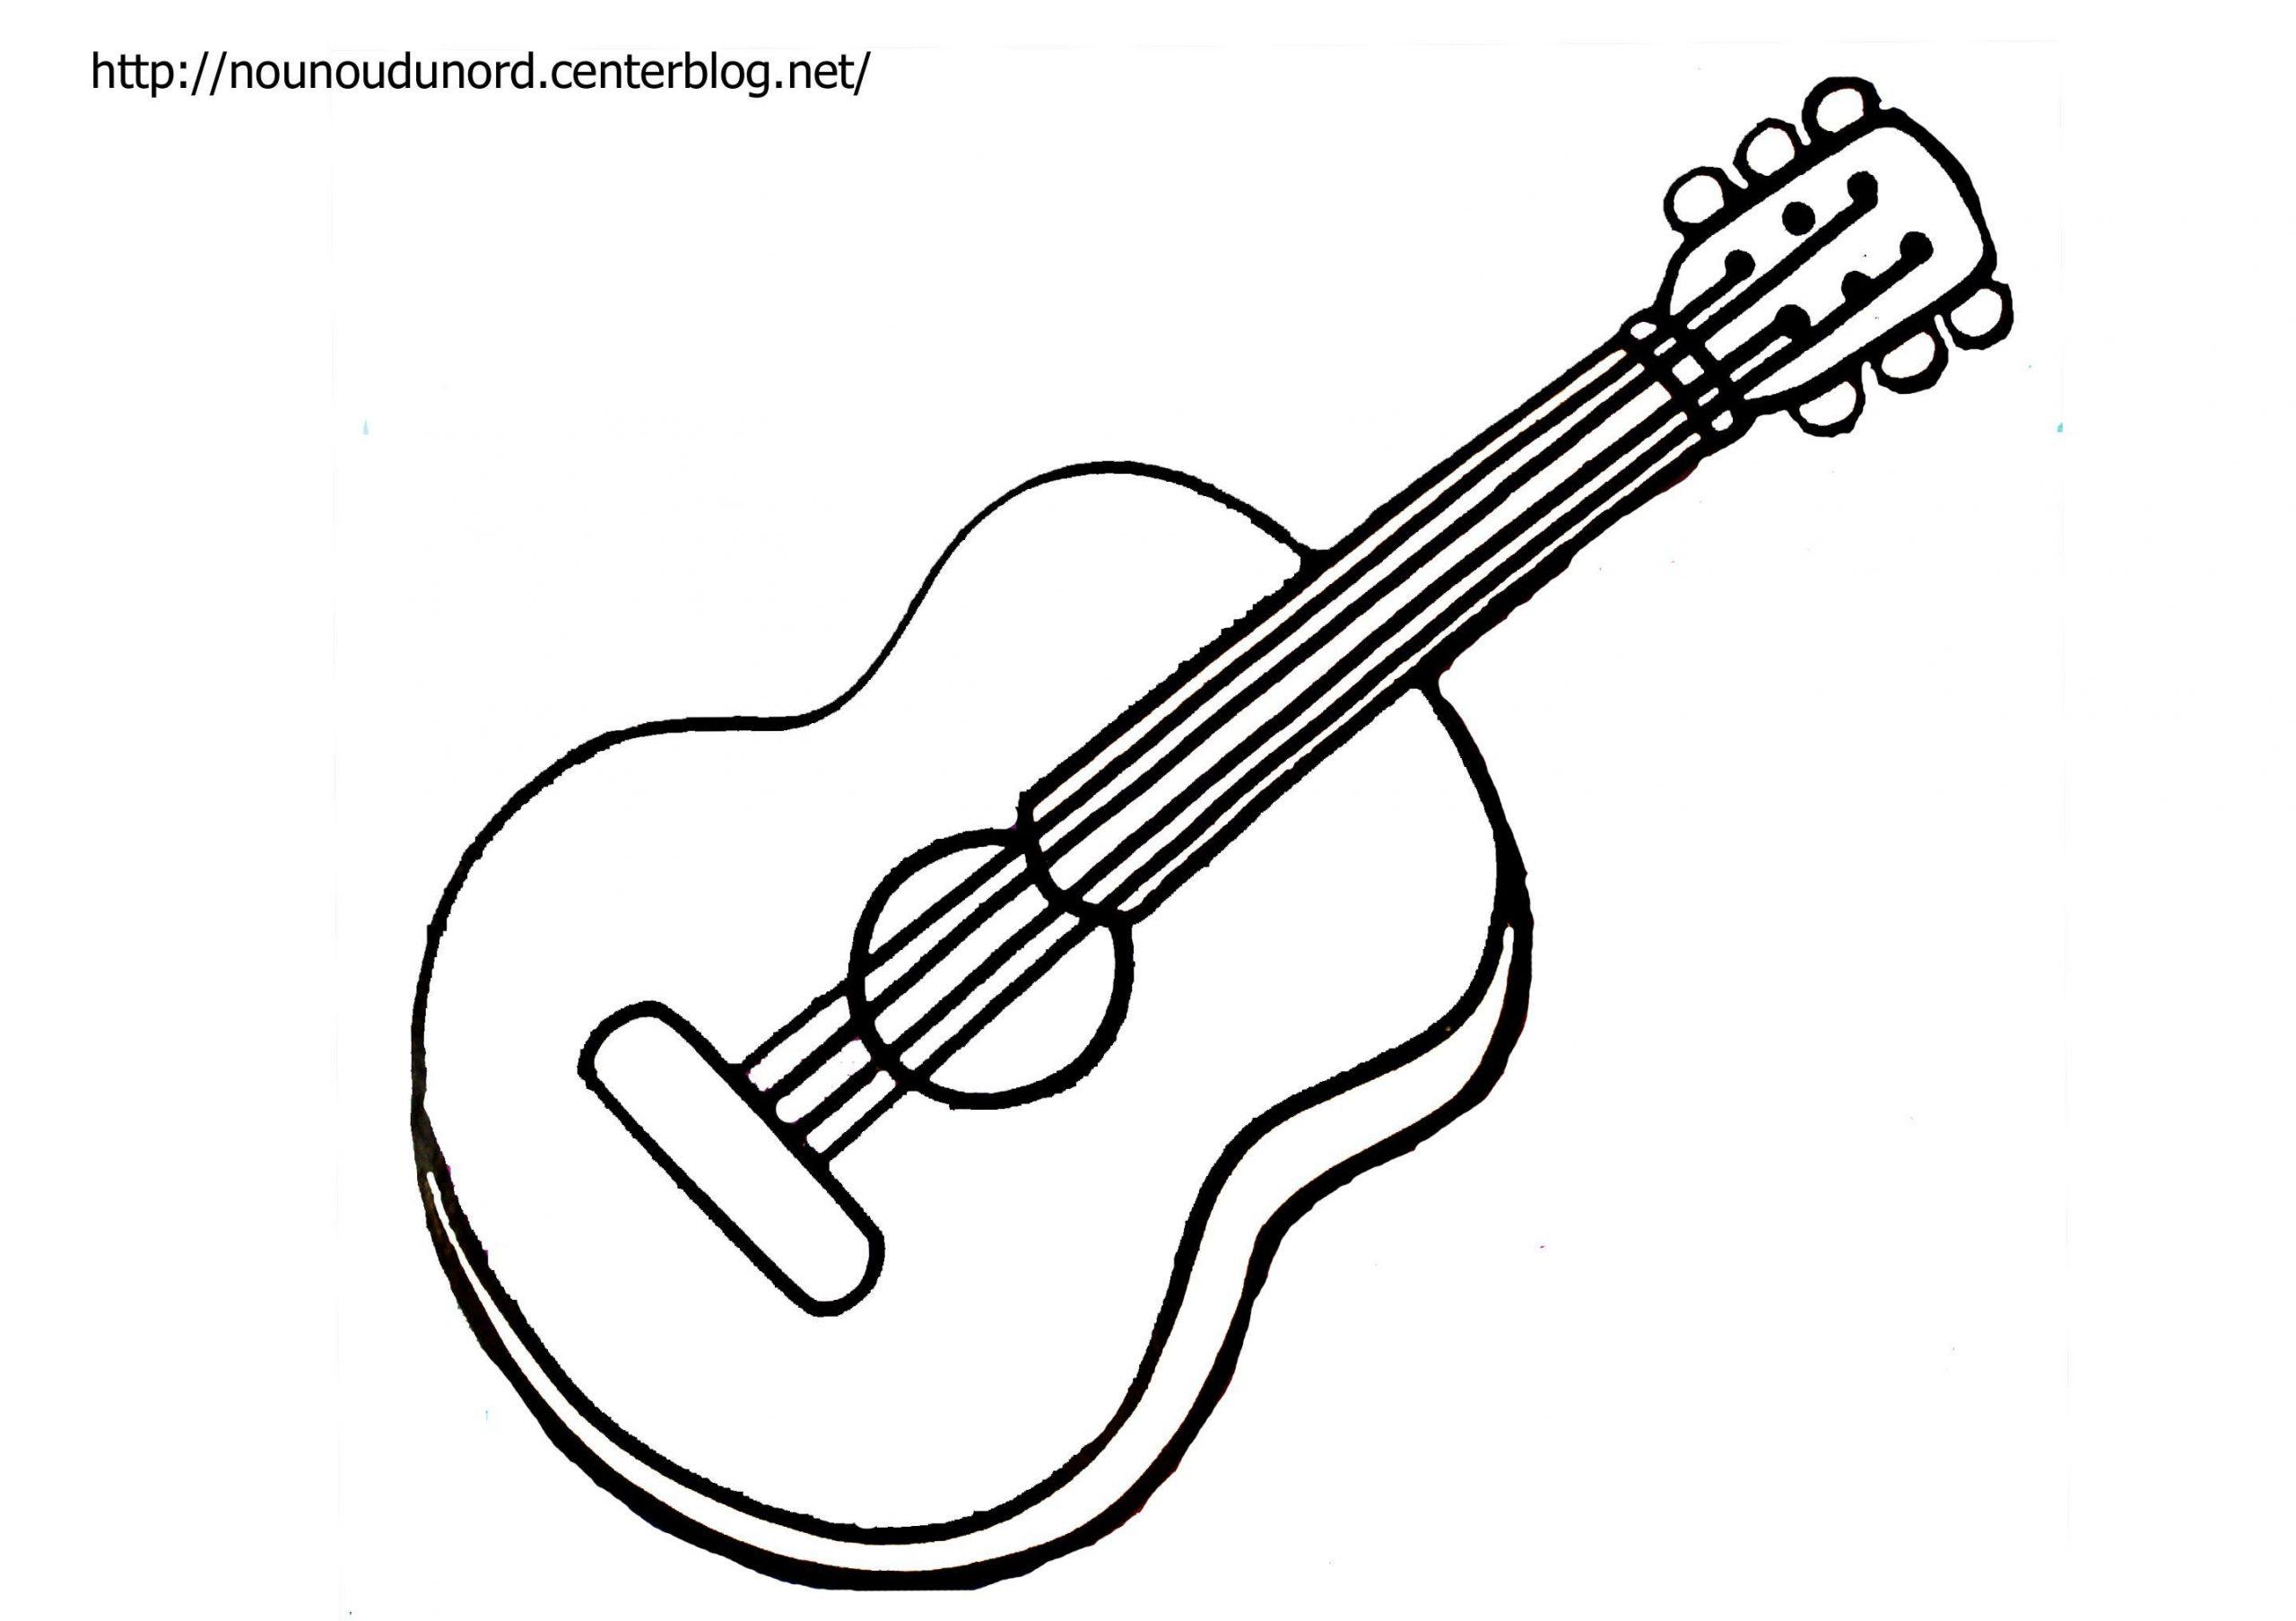 Coloriage Musique Instrument concernant Image Instrument De Musique À Imprimer